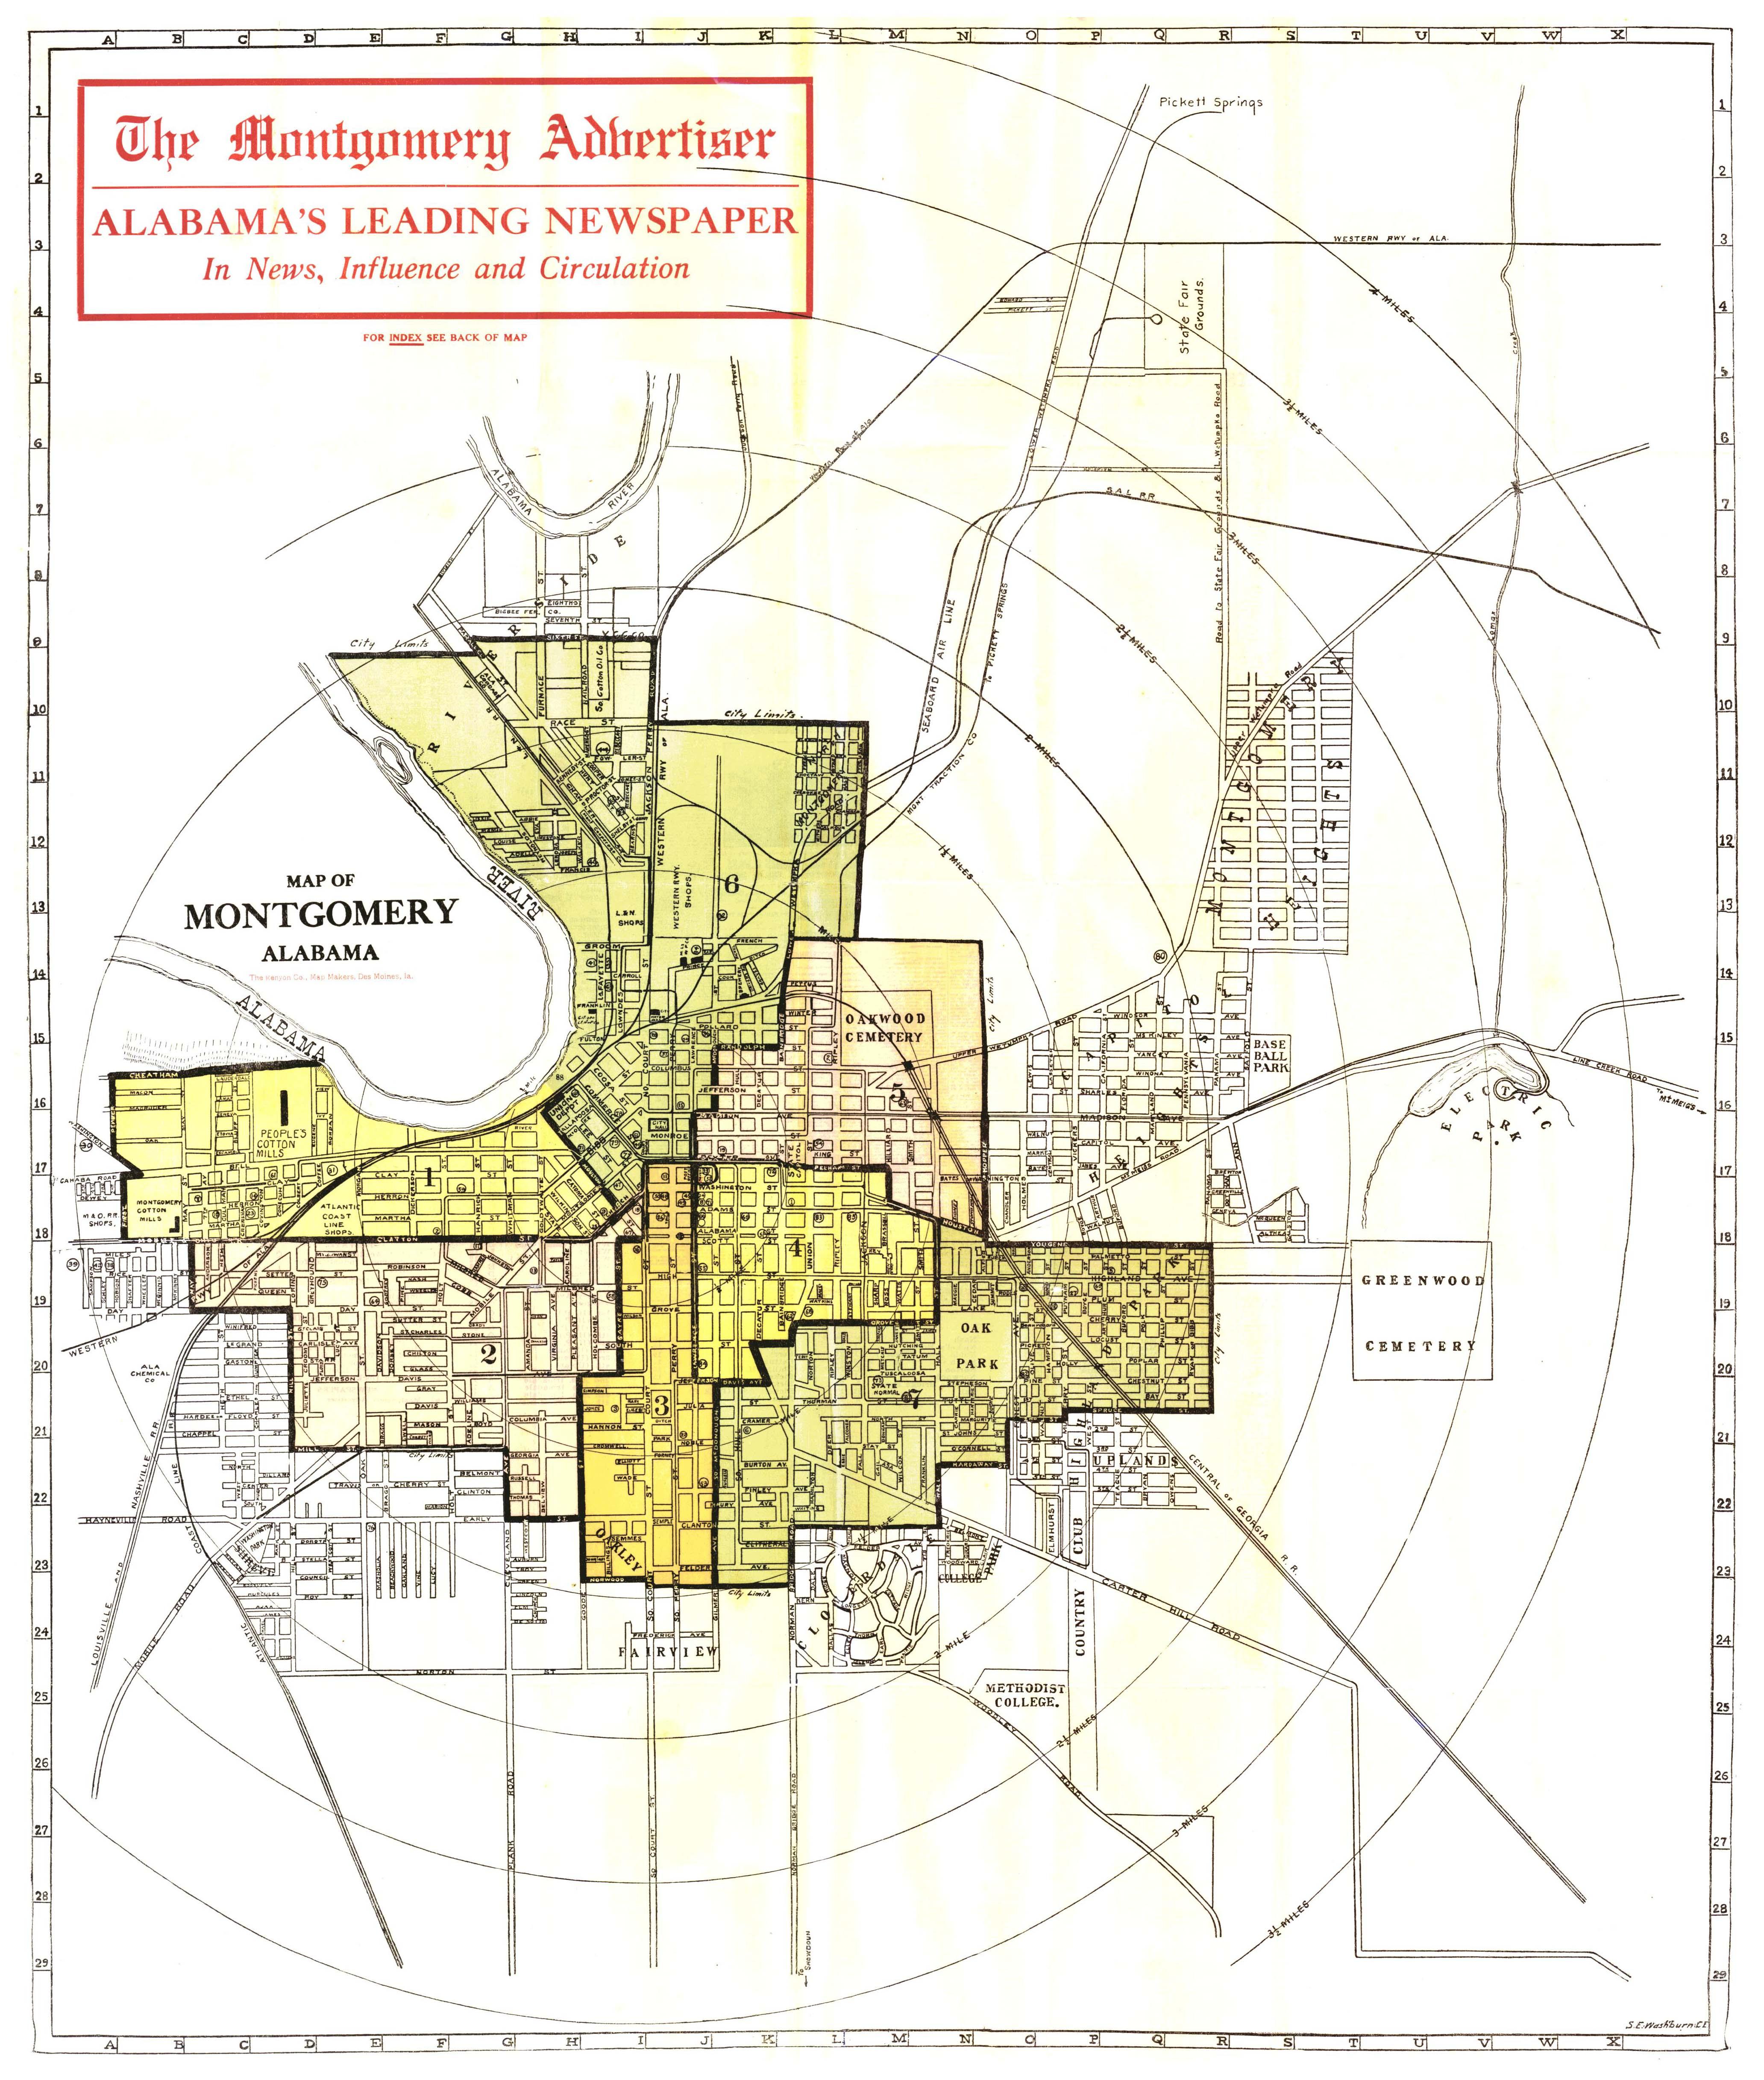 File:1910 map of Montgomery, Alabama.jpeg - Wikimedia Commons